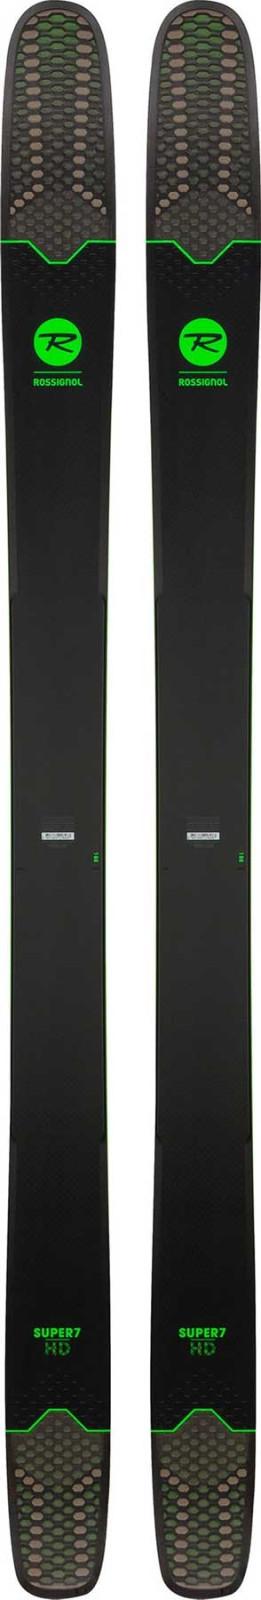 Rossignol Super 7 HD +SPX 12 Dual